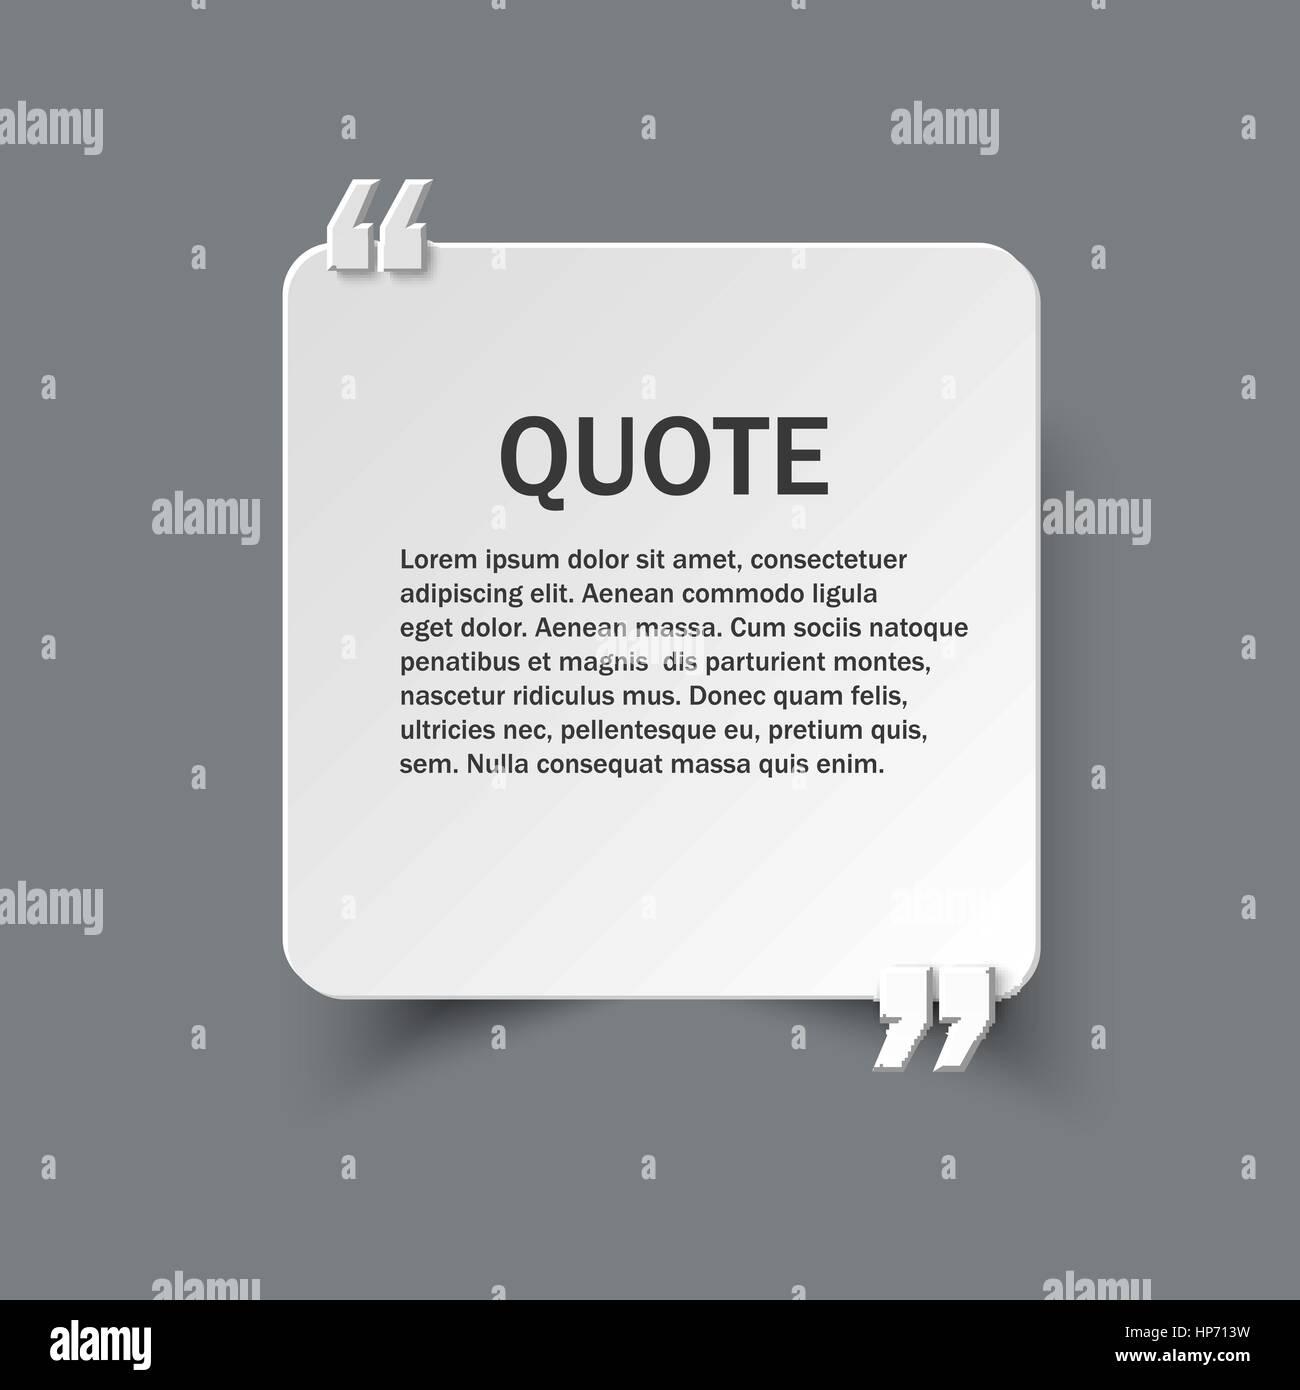 Angebot Formular Auf Quadratischen Papierkarte Mit Kommas Vektor